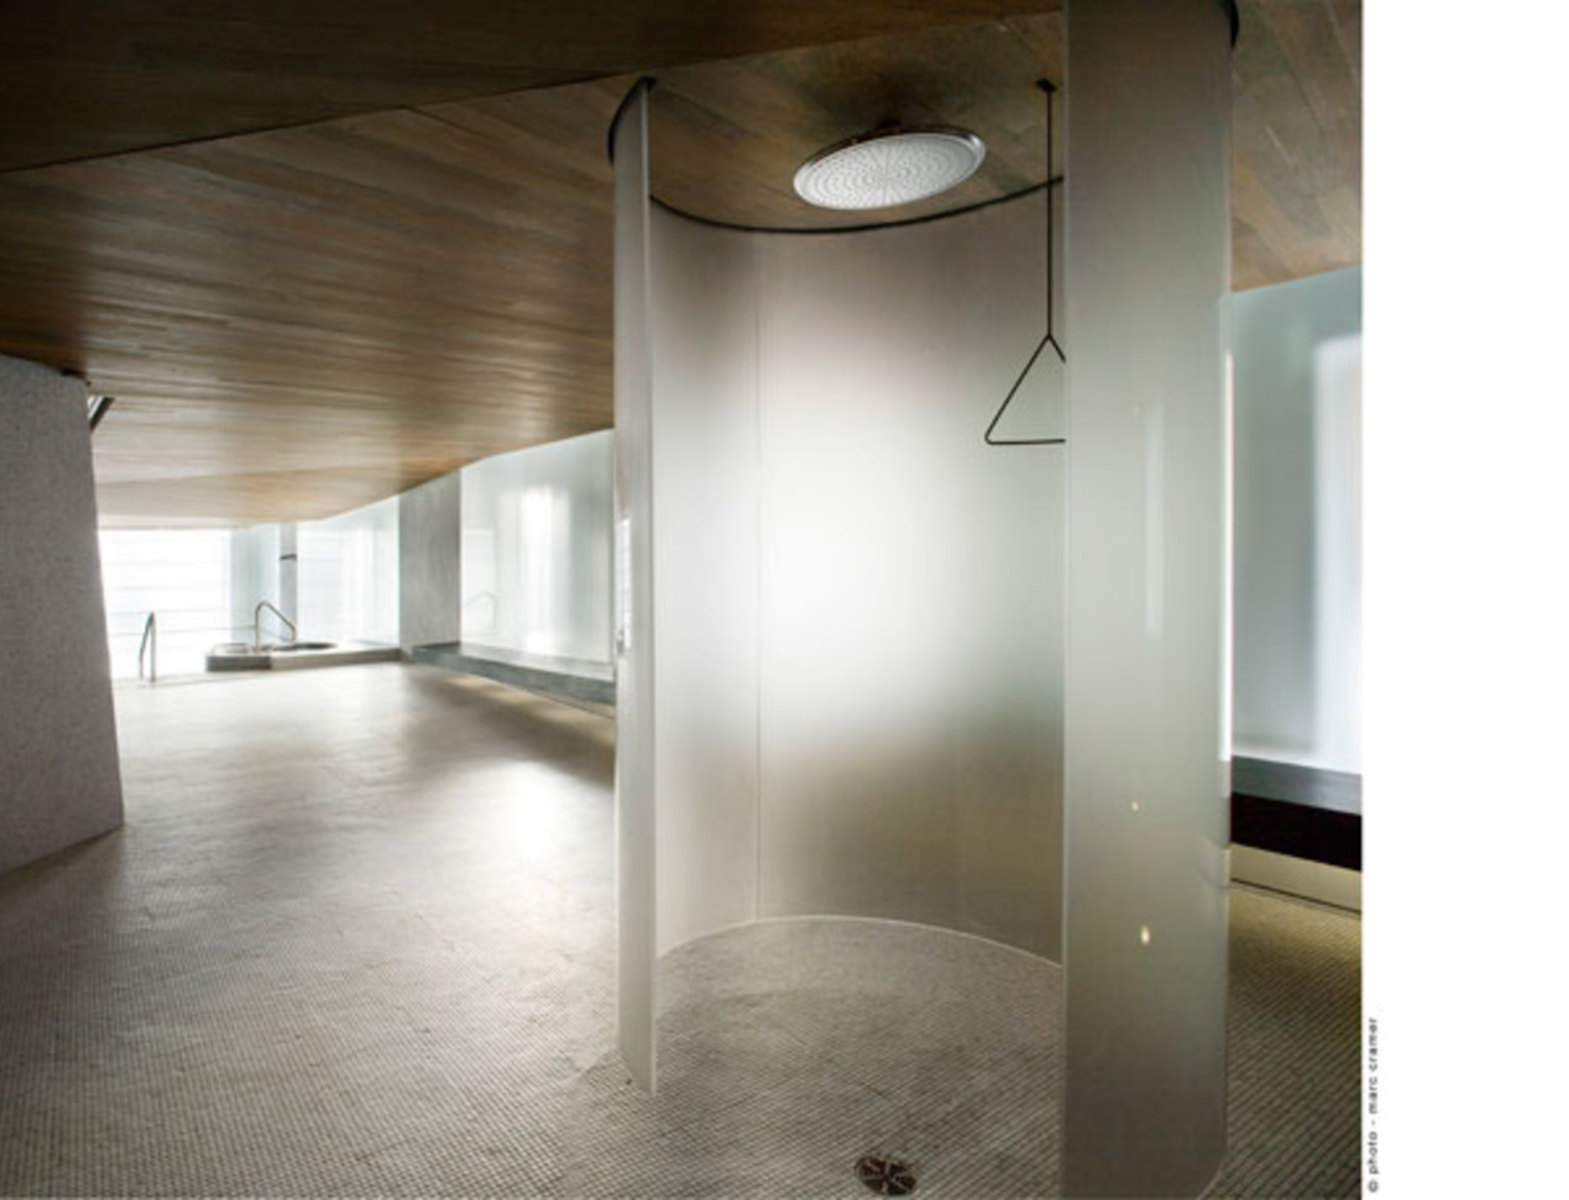 sauna fuboden i dachboden ausbauen fuboden wohndesign bg wandabstand dachboden ausbauen fuboden. Black Bedroom Furniture Sets. Home Design Ideas